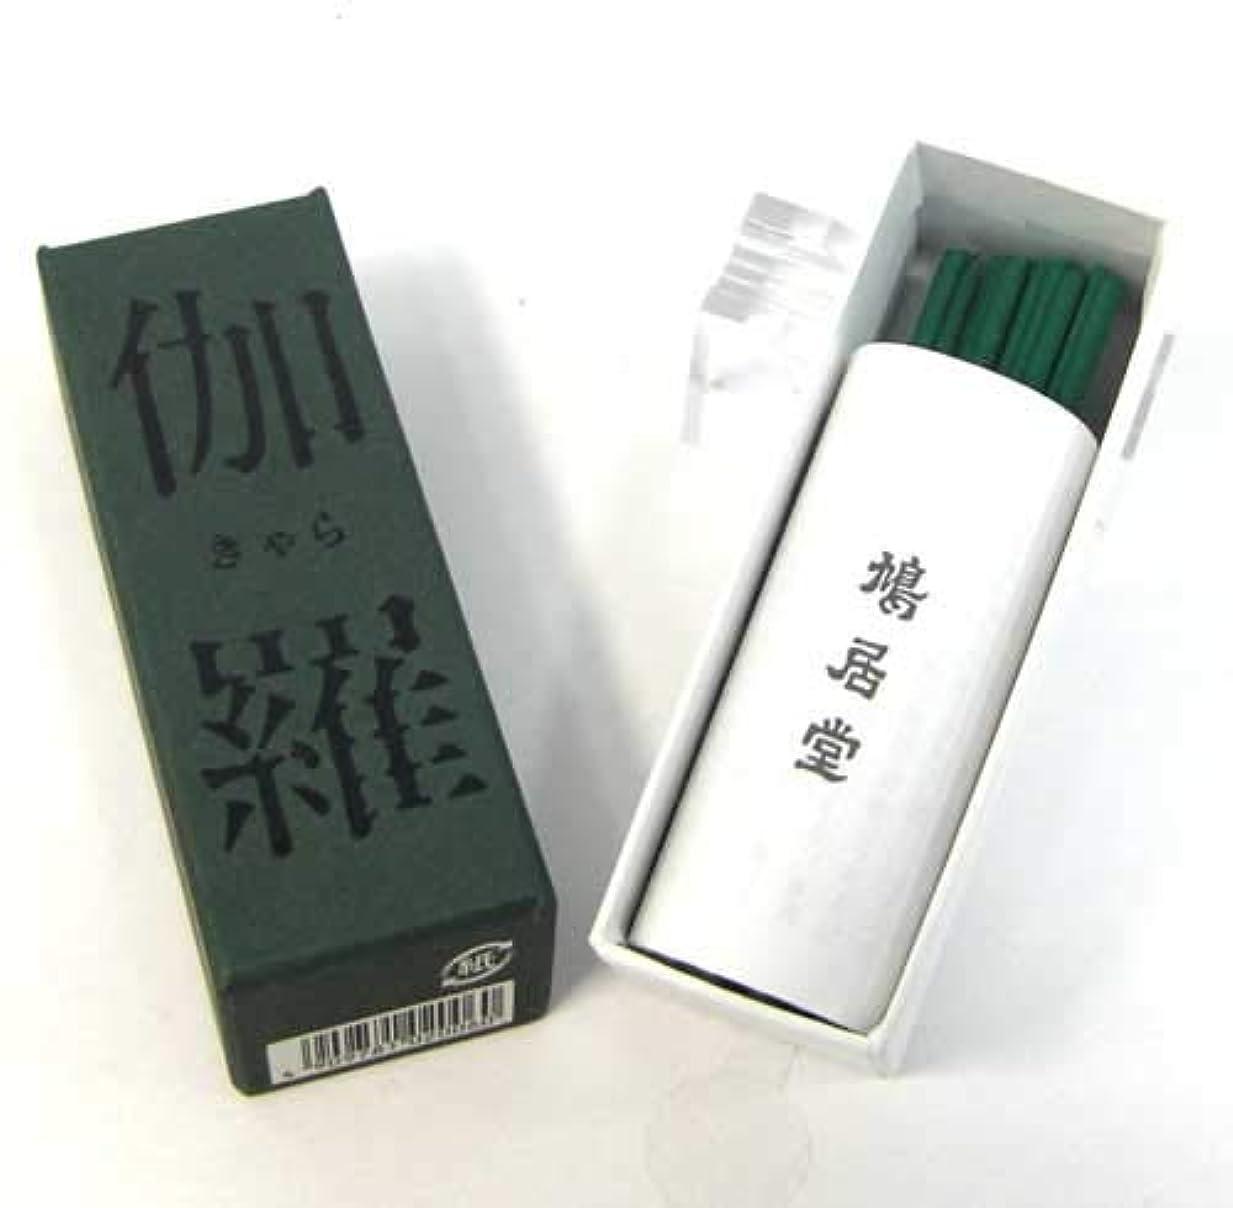 抑圧データ接地鳩居堂 お香 伽羅/きゃら 香木の香りシリーズ スティックタイプ(棒状香)20本いり